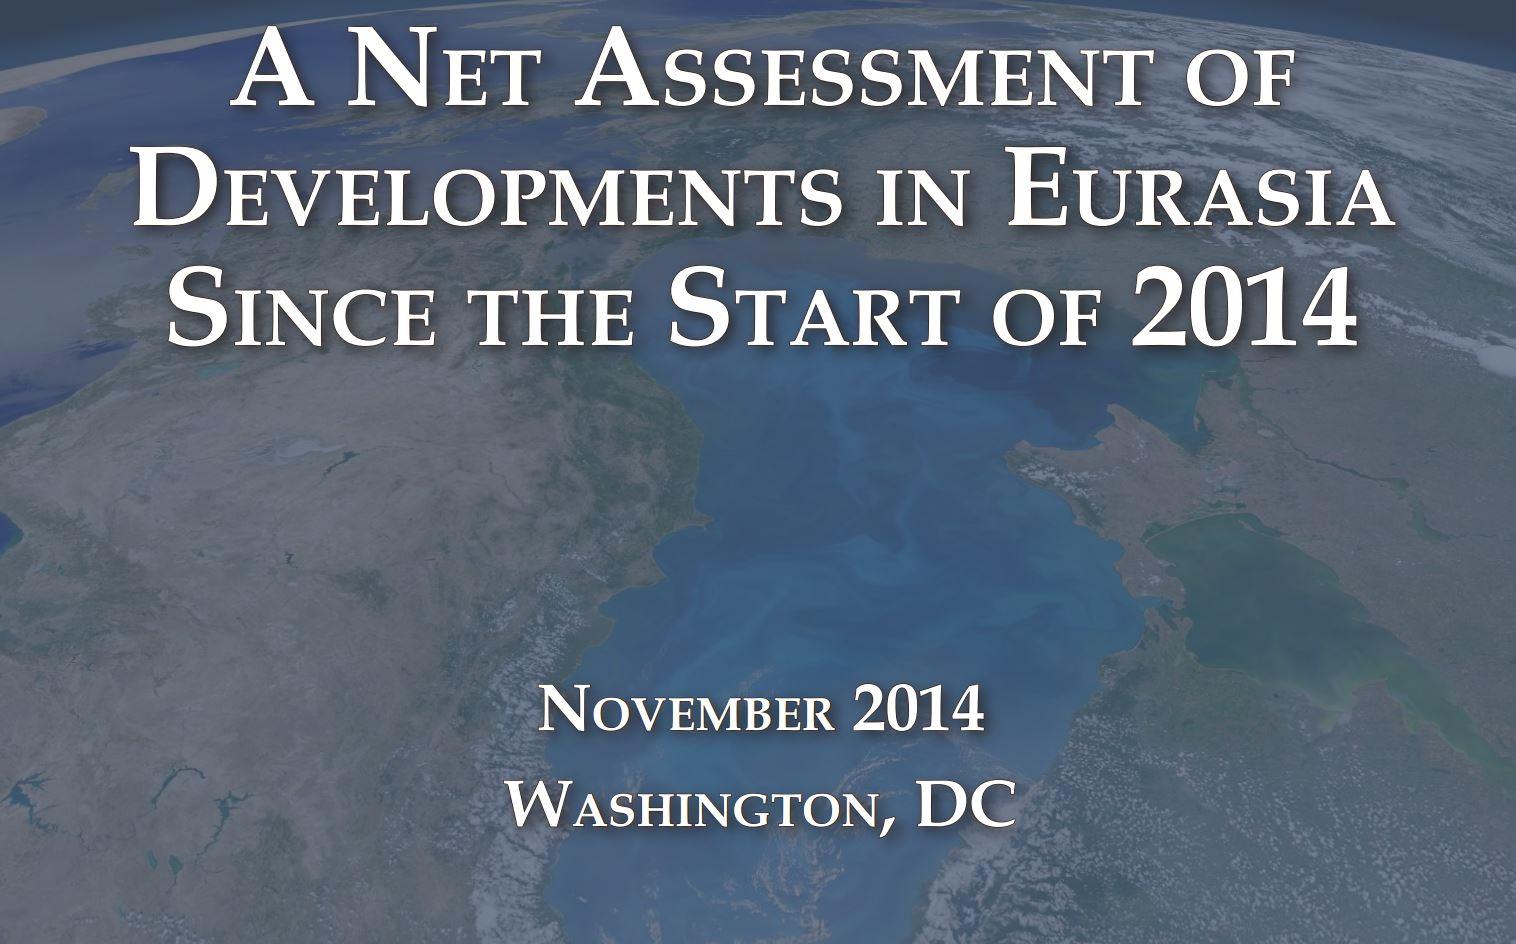 Image for Оценка военных угроз в условиях развития ситуации в Евразии с начала 2014 года